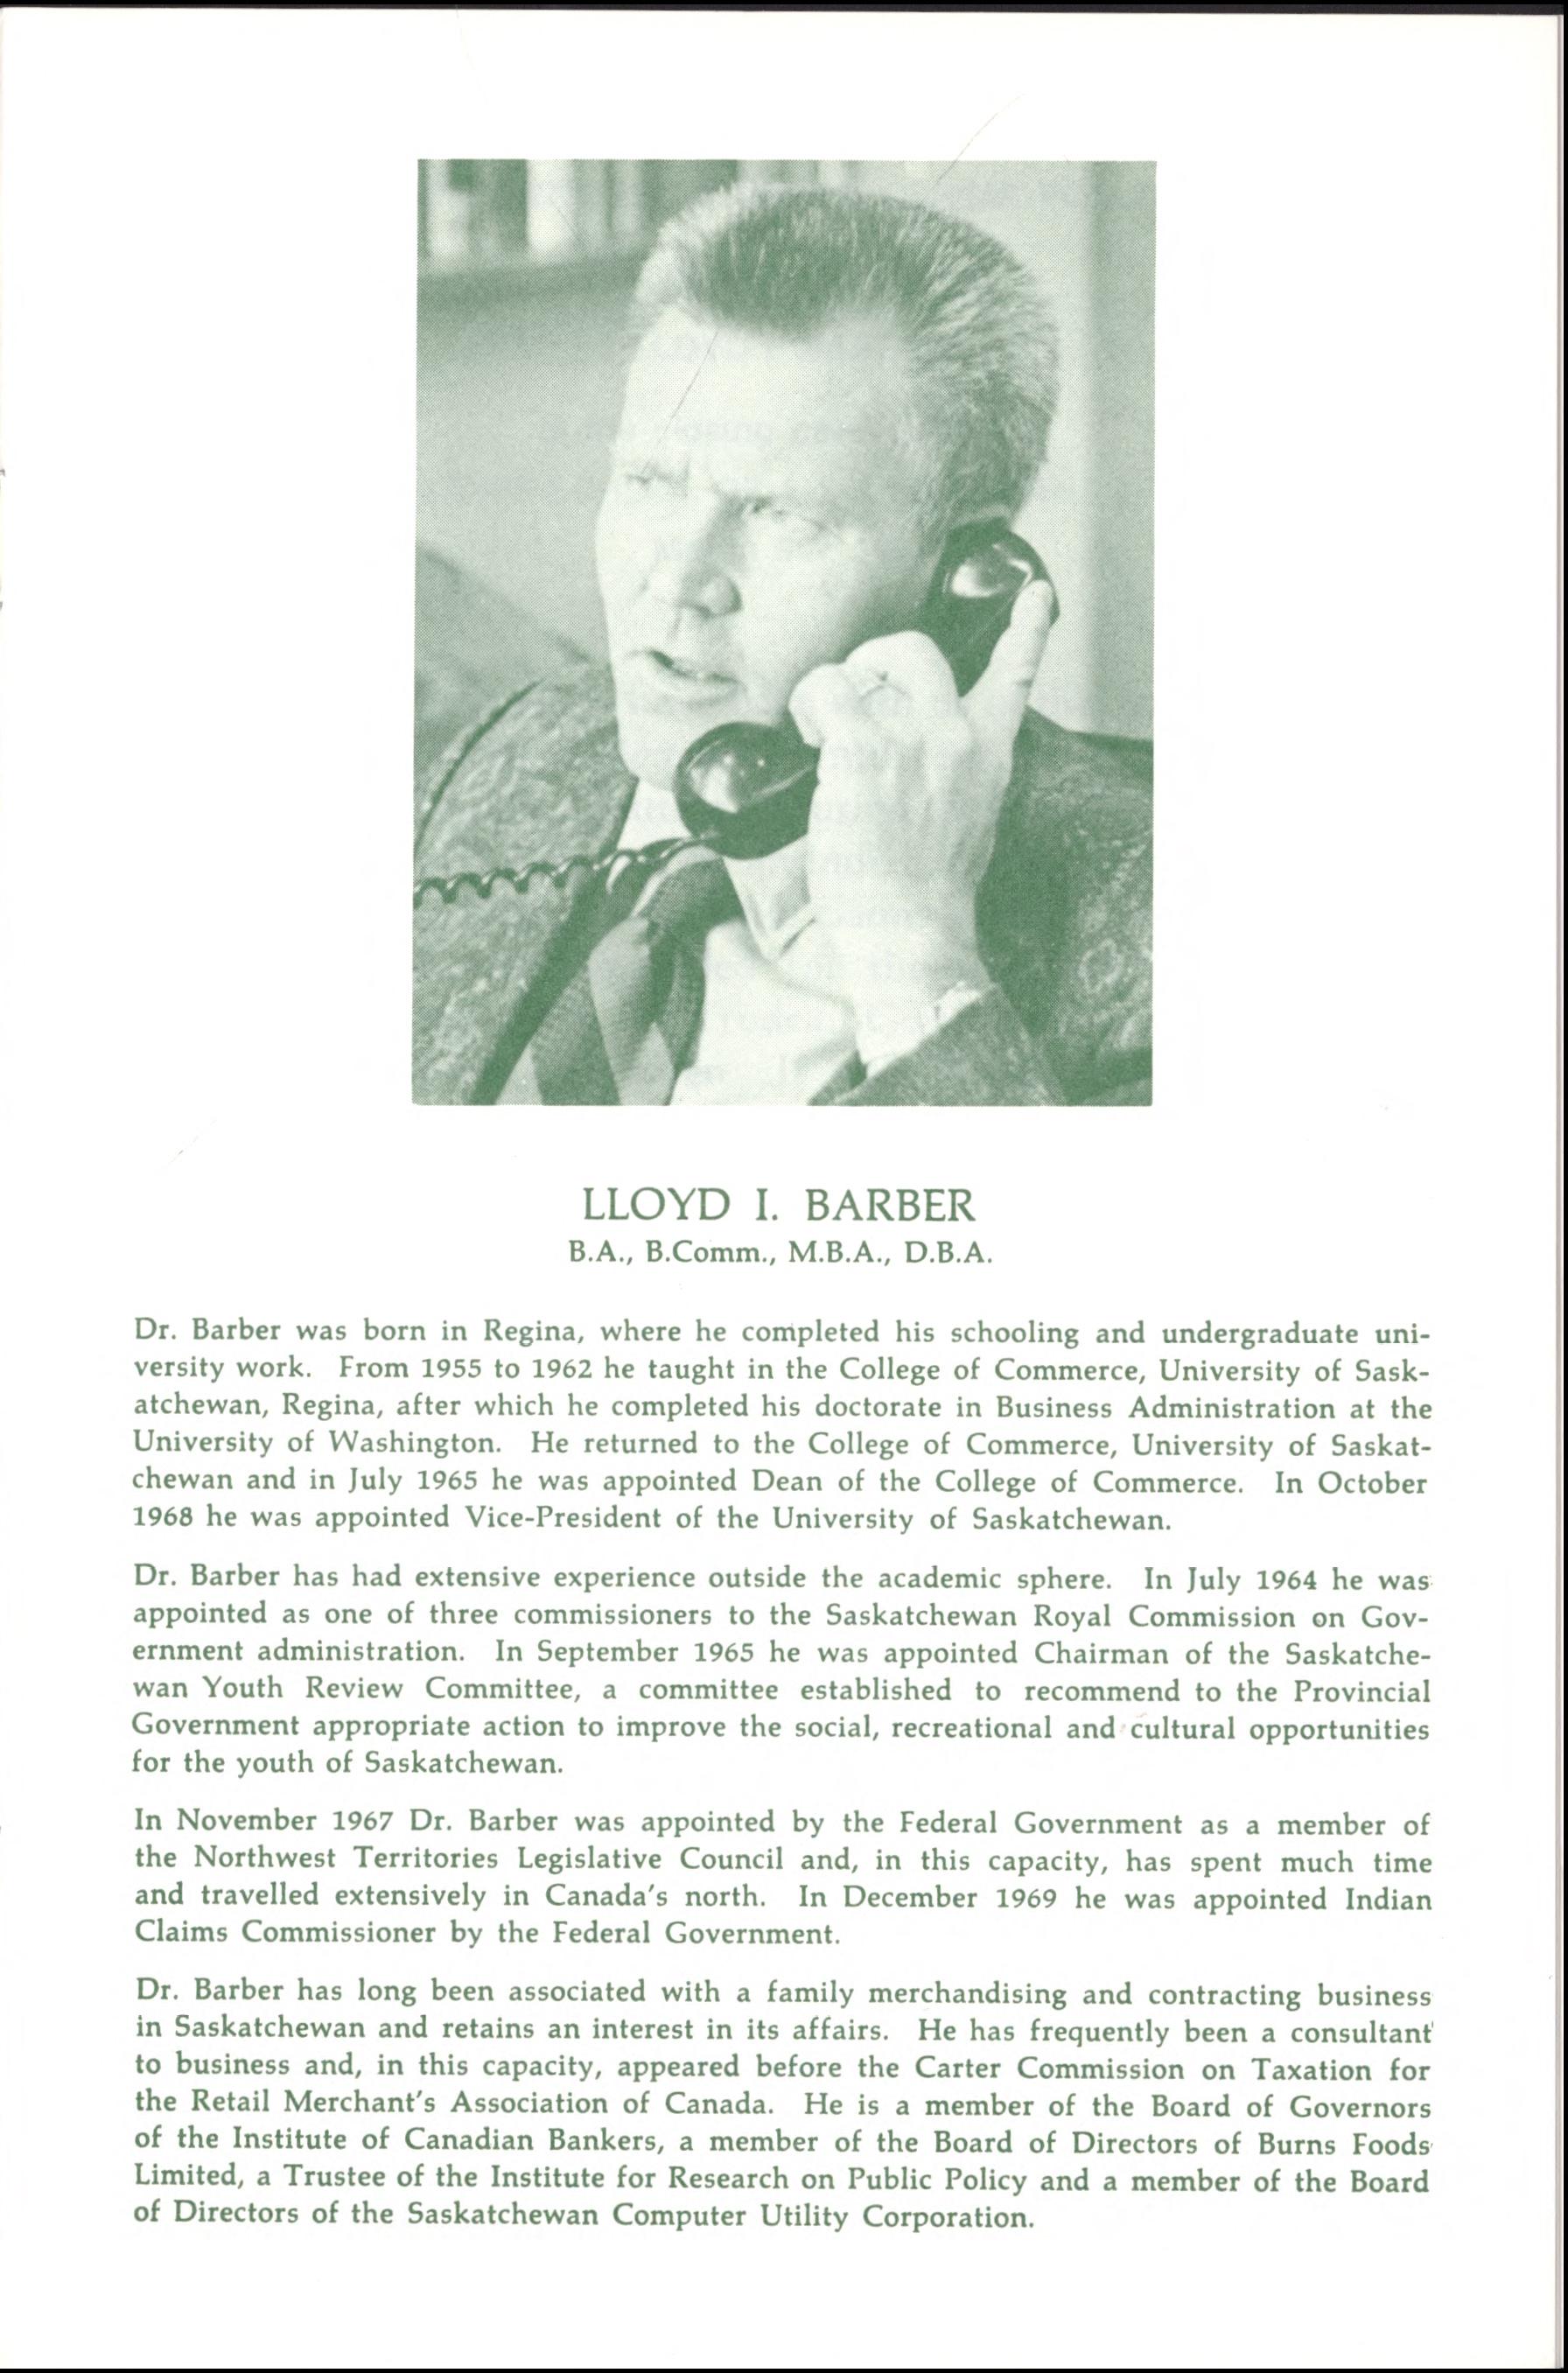 Une page de texte tapuscrit avec une photo de Lloyd I. Barber en haut au centre. C'est un homme d'âge moyen avec les cheveux coupés en brosse, portant un complet-cravate et parlant au téléphone.